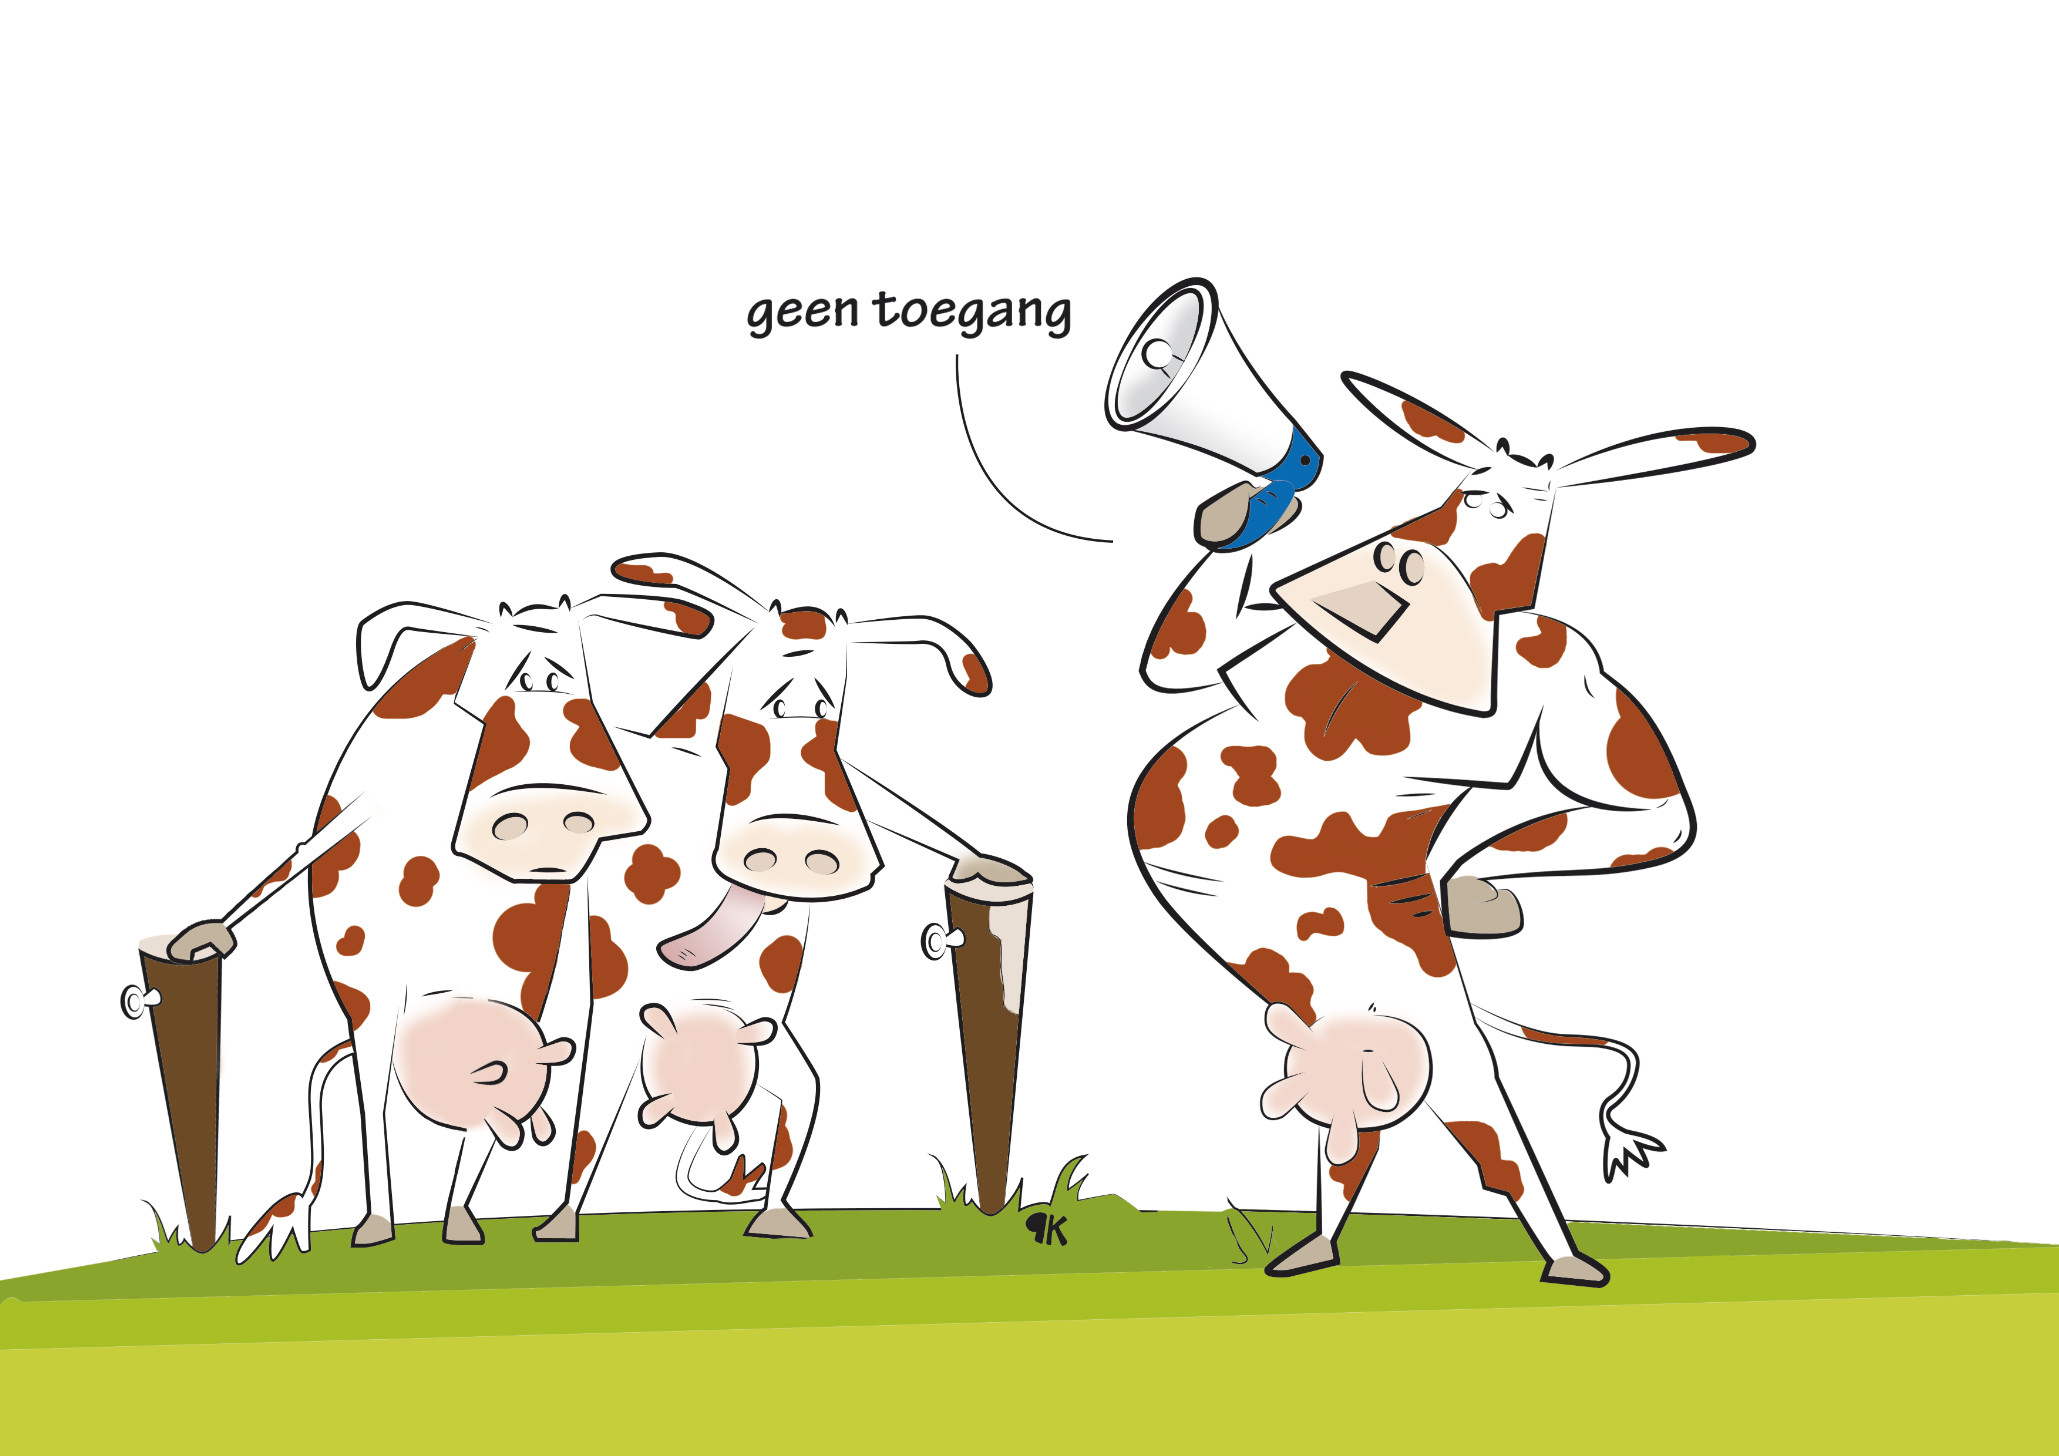 Nieuwe full-service dealer dewulf~miedema in Oostelijk en Zuidelijk Flevoland